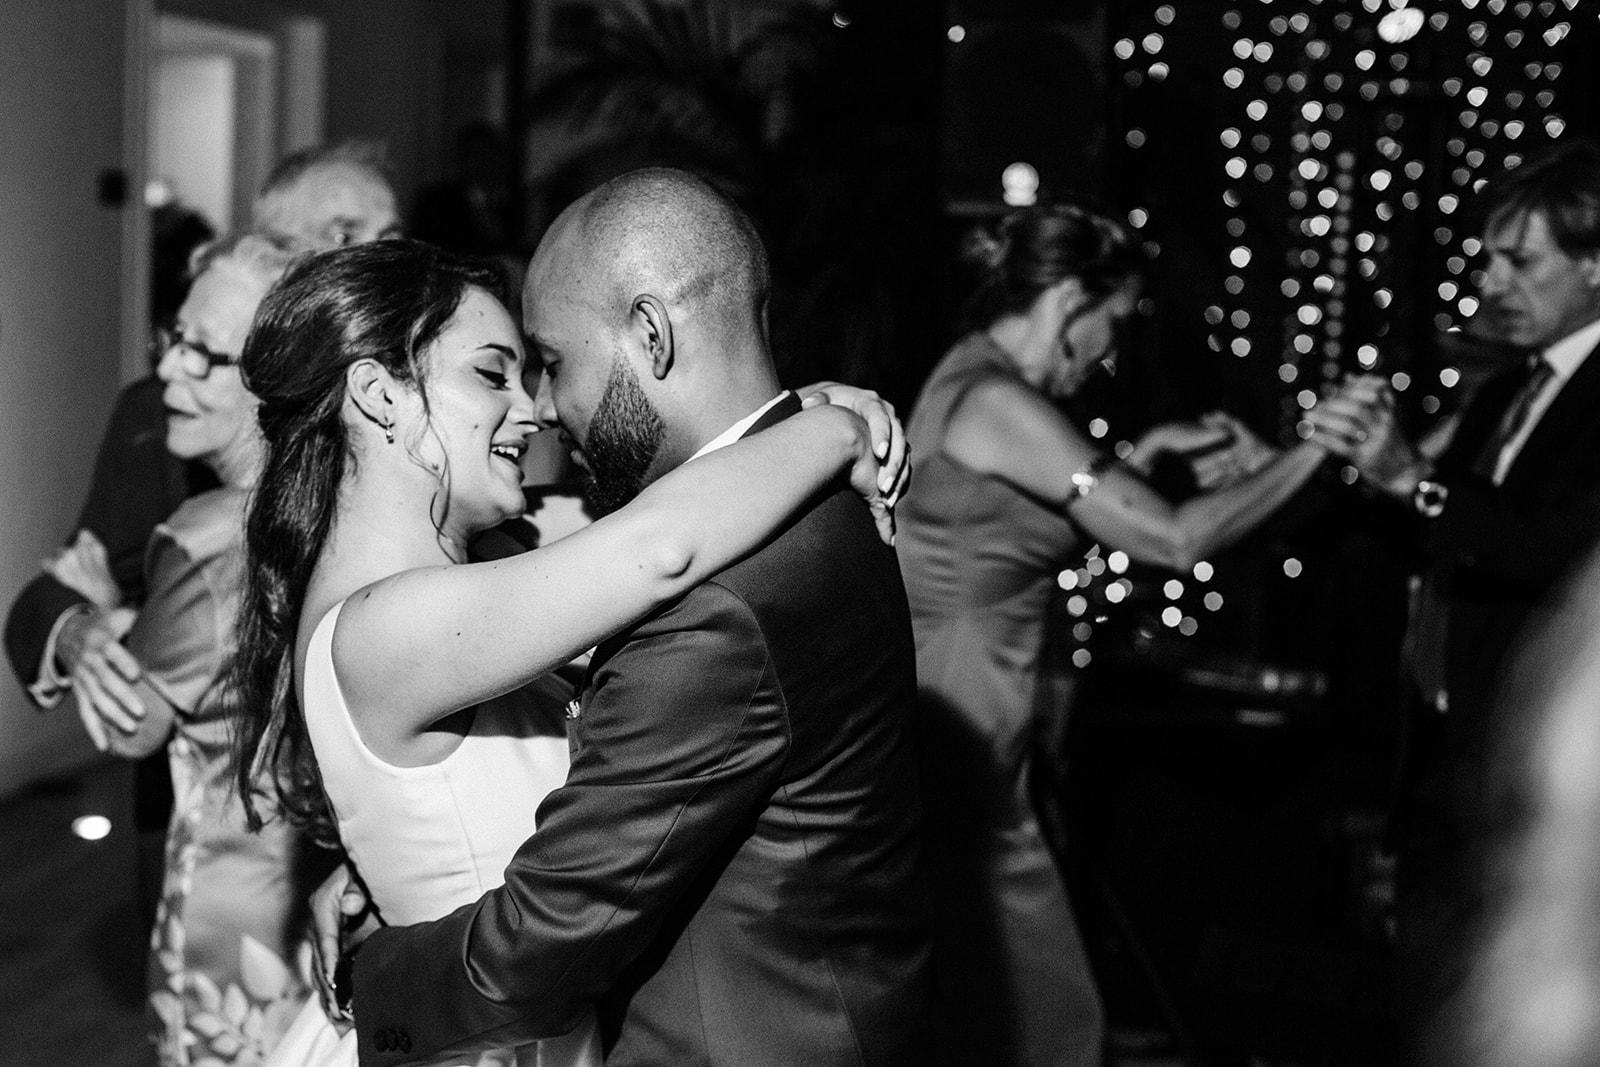 novios bailando en una boda